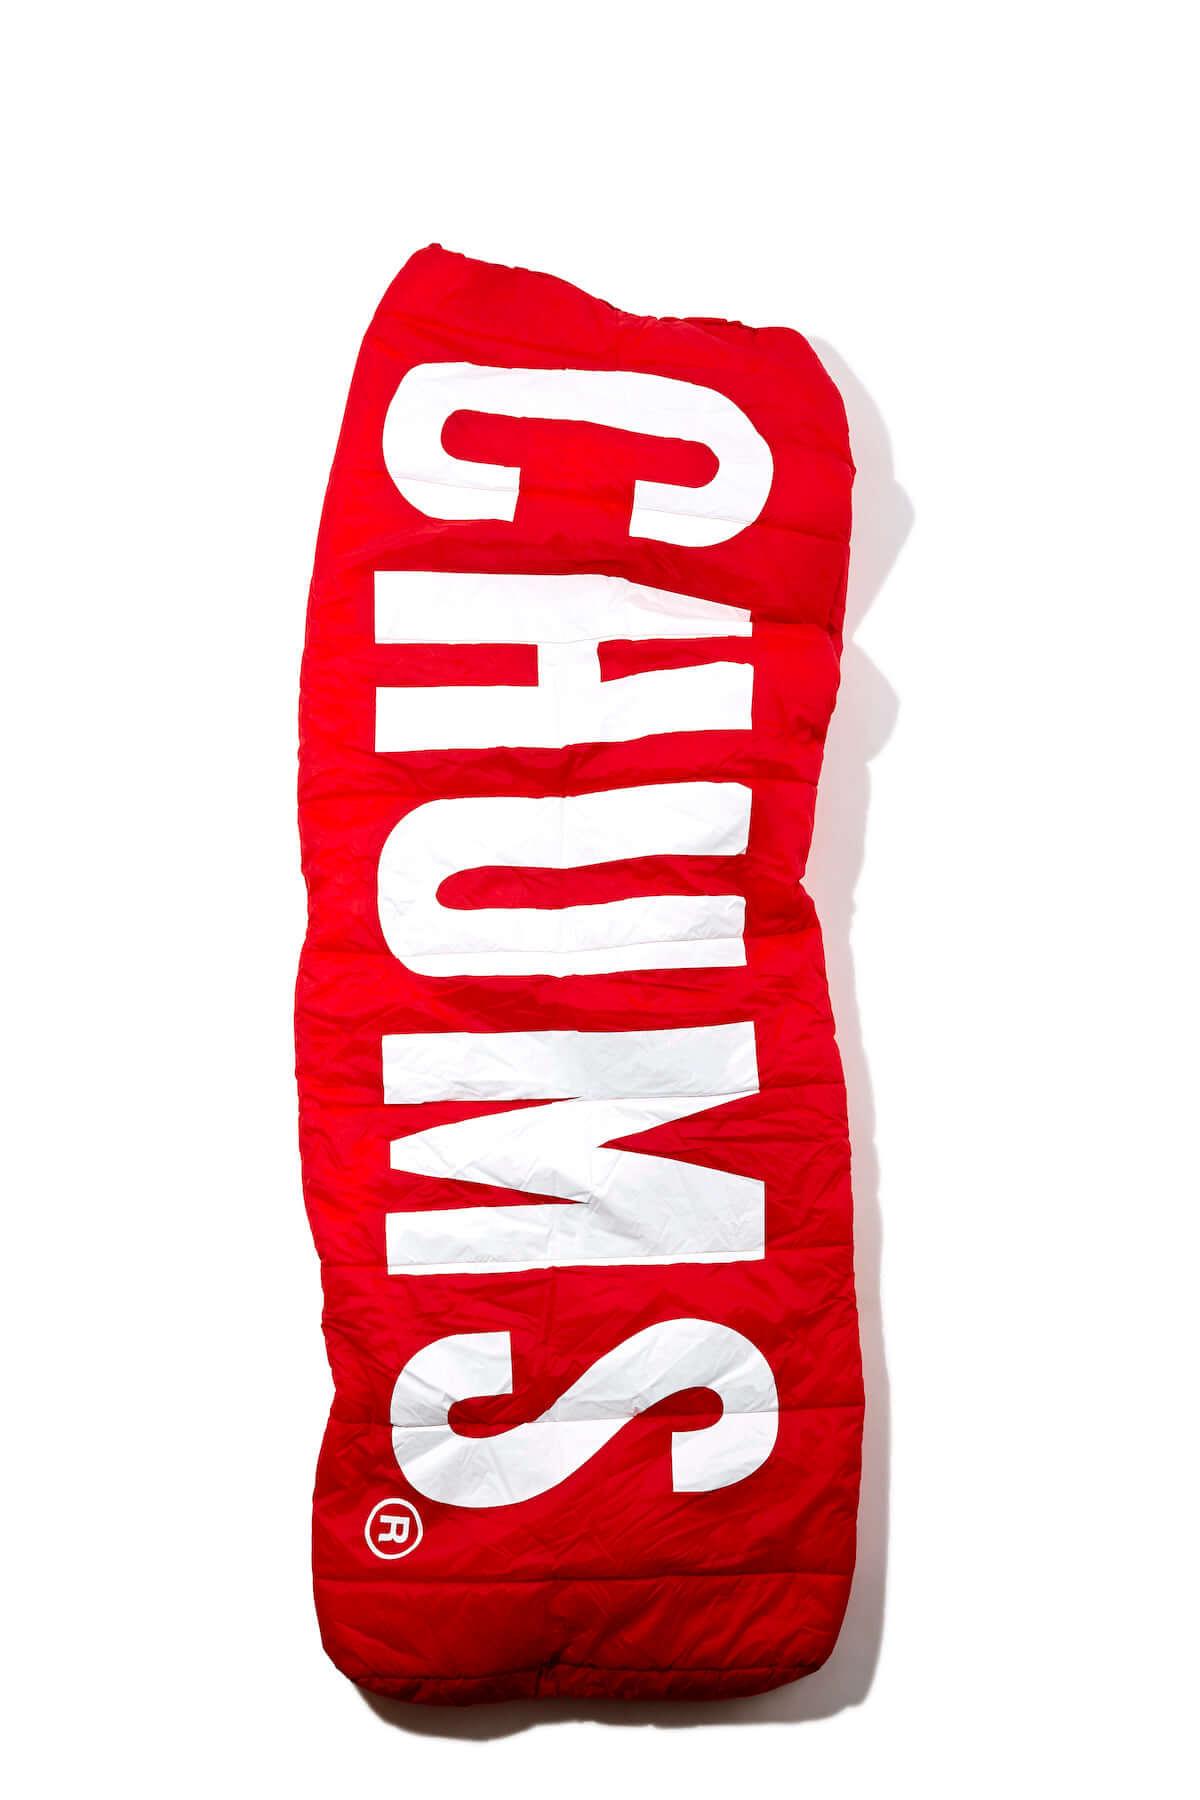 「CHUMS」待望の寝袋シリーズが発売|ブービーバードに変身できる寝袋が登場 life190318_chums_8-1200x1800